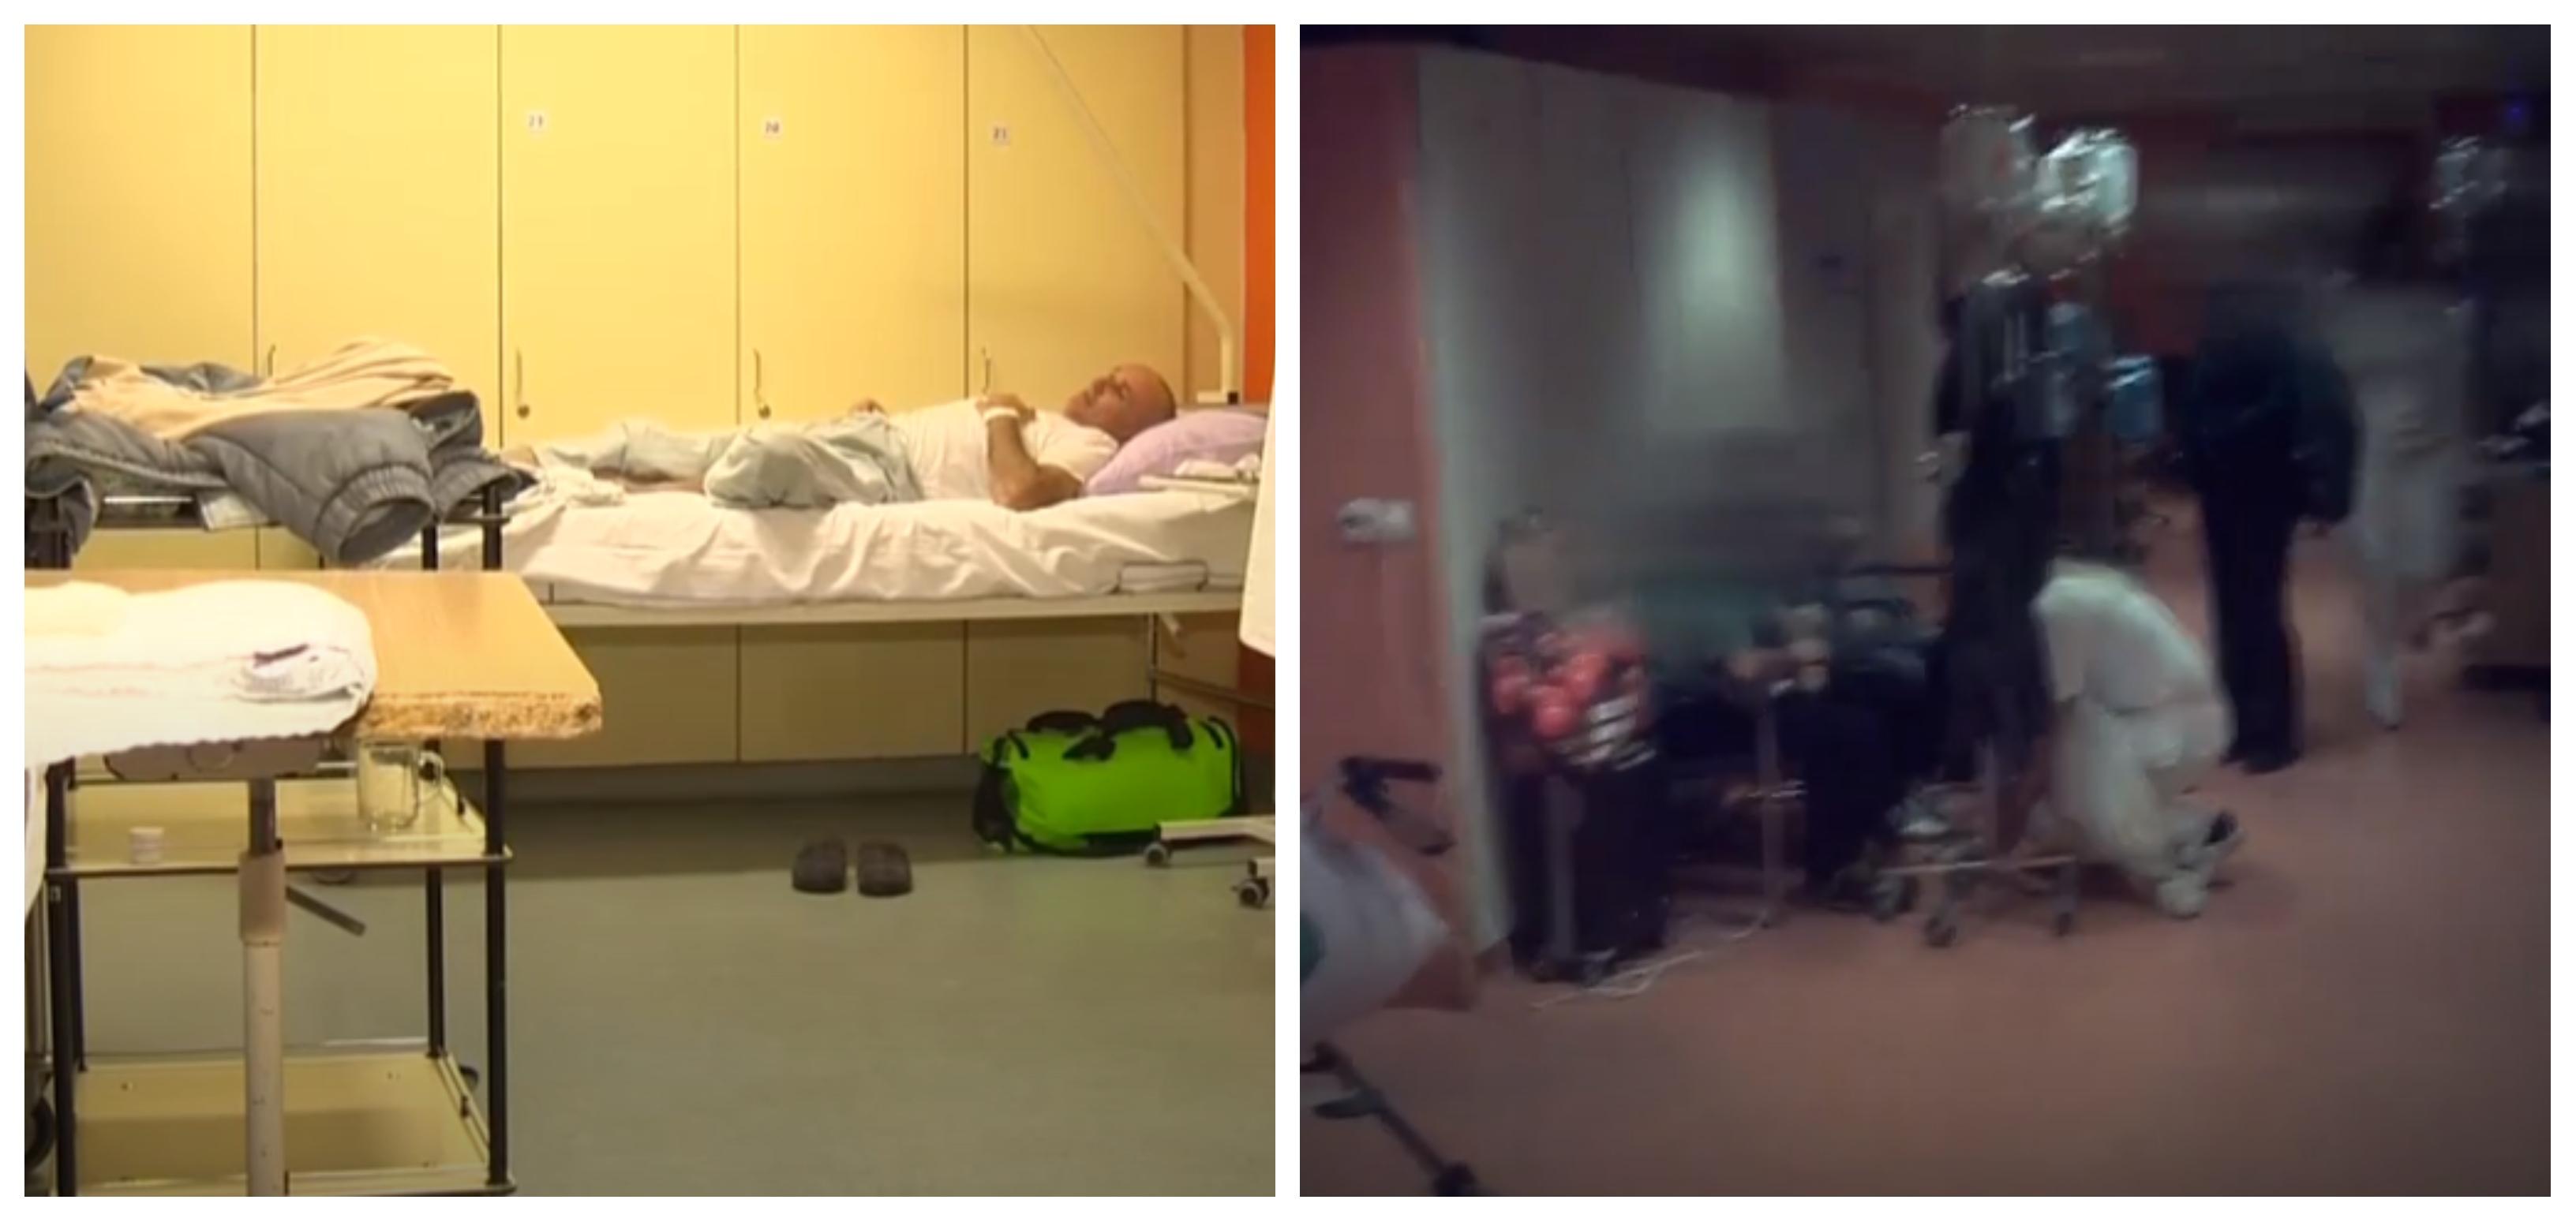 Zloglasna soba na hodniku in še ena kaotična slika v čakalnici in na hodnikih gastroenterloške klinike. (Foto: Tednik RTV SLO)